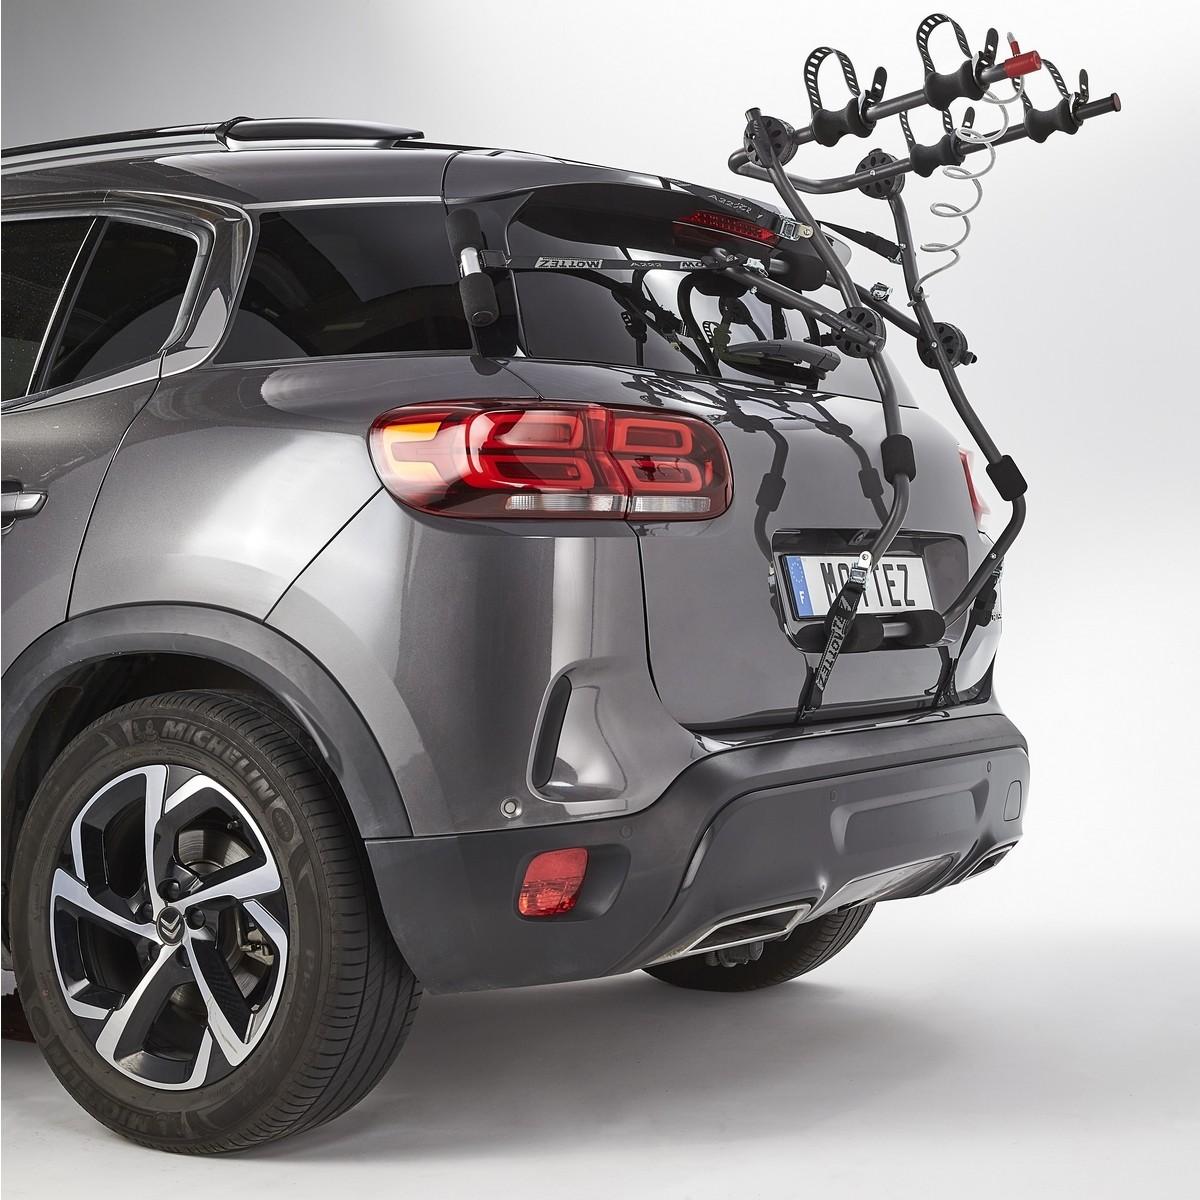 Porte-vélo 2 vélos électriques sur hayon